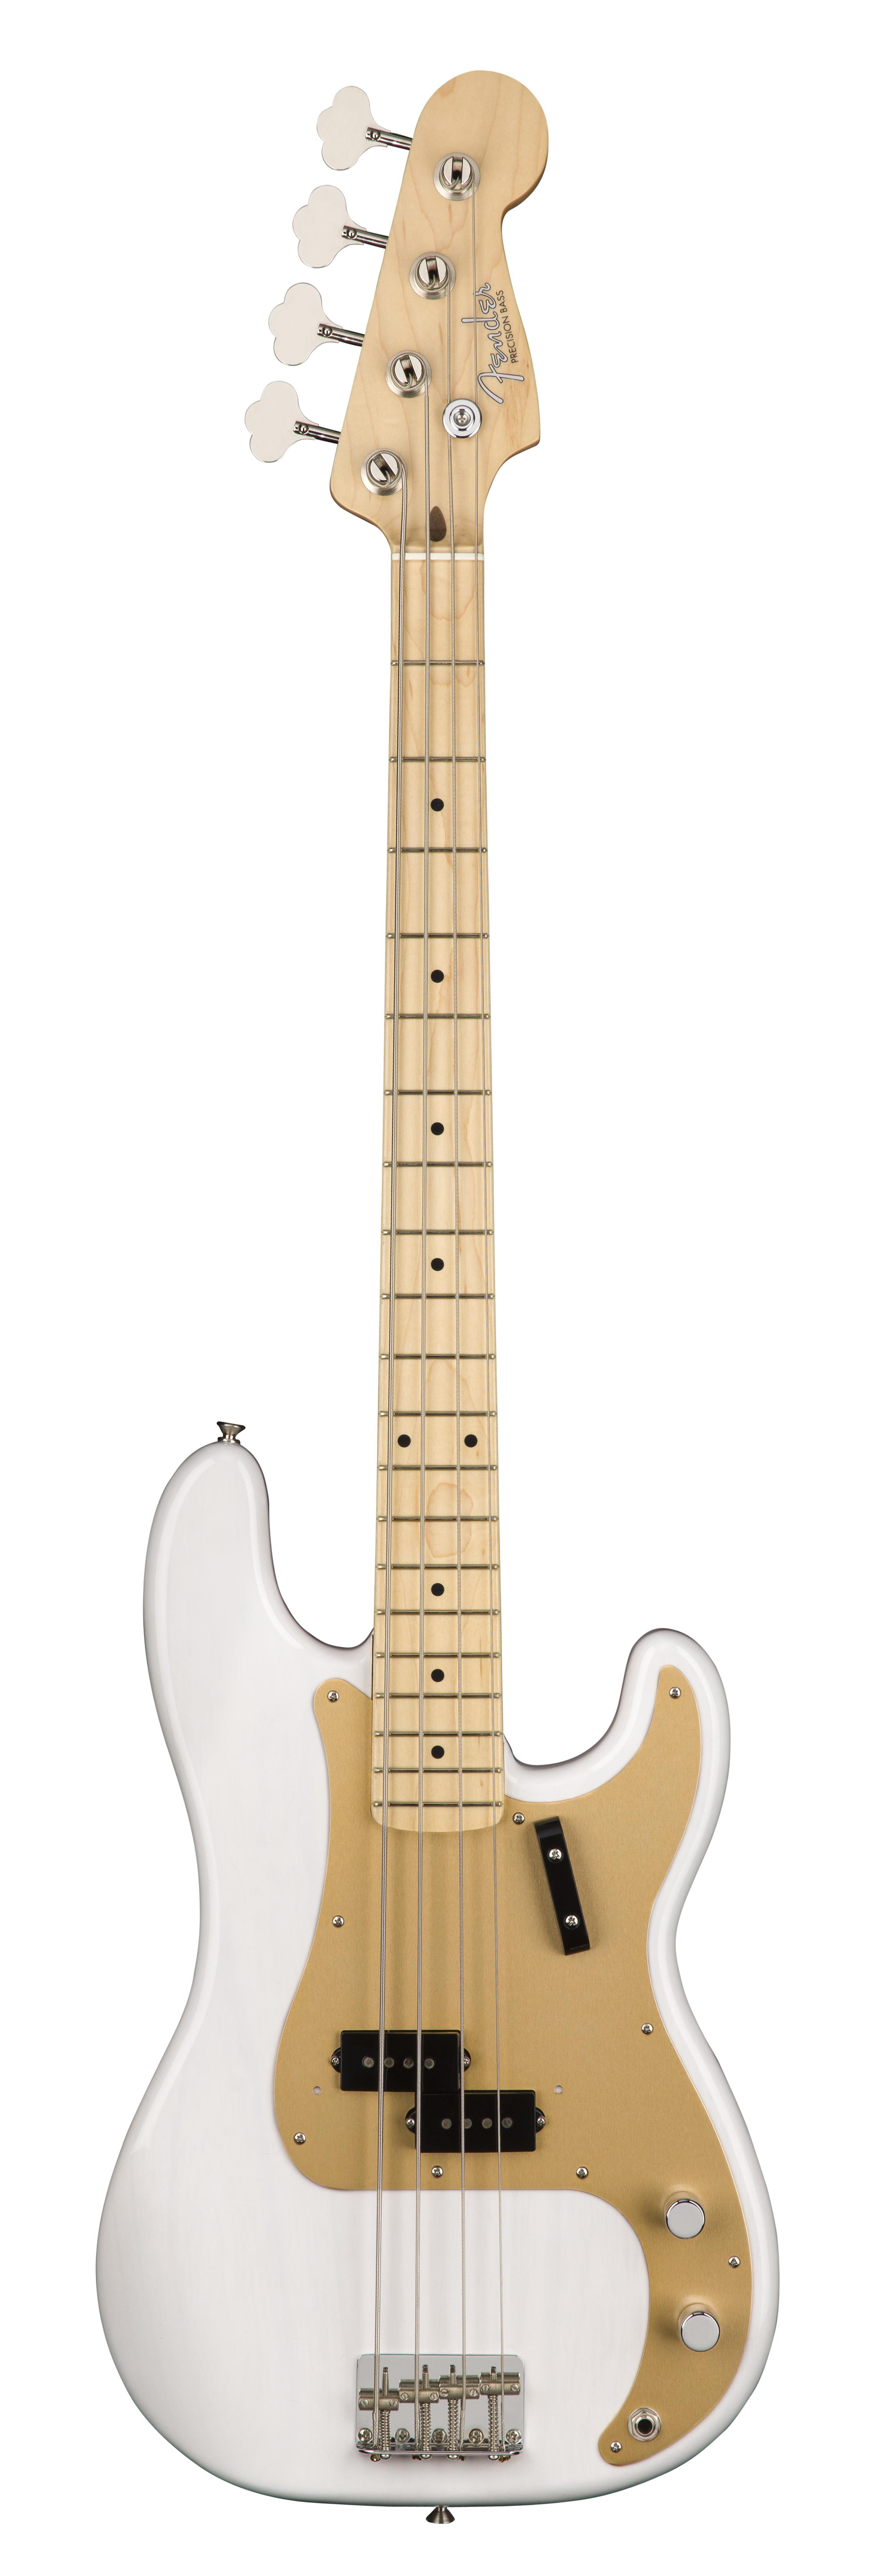 50 p bass.jpg